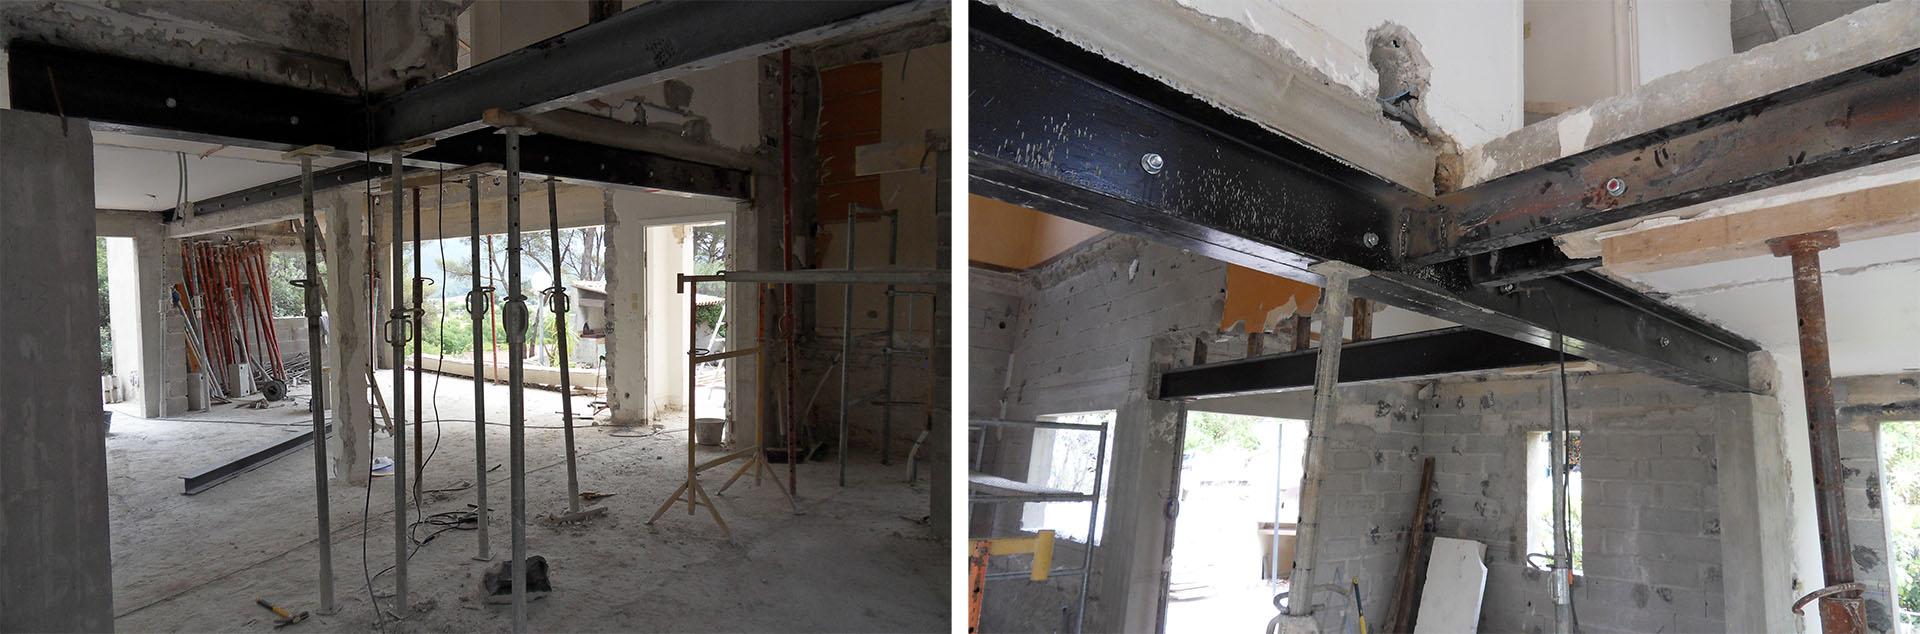 Chantier de r novation d 39 une maison dans les bouches du rh ne for Maison 1970 renovation